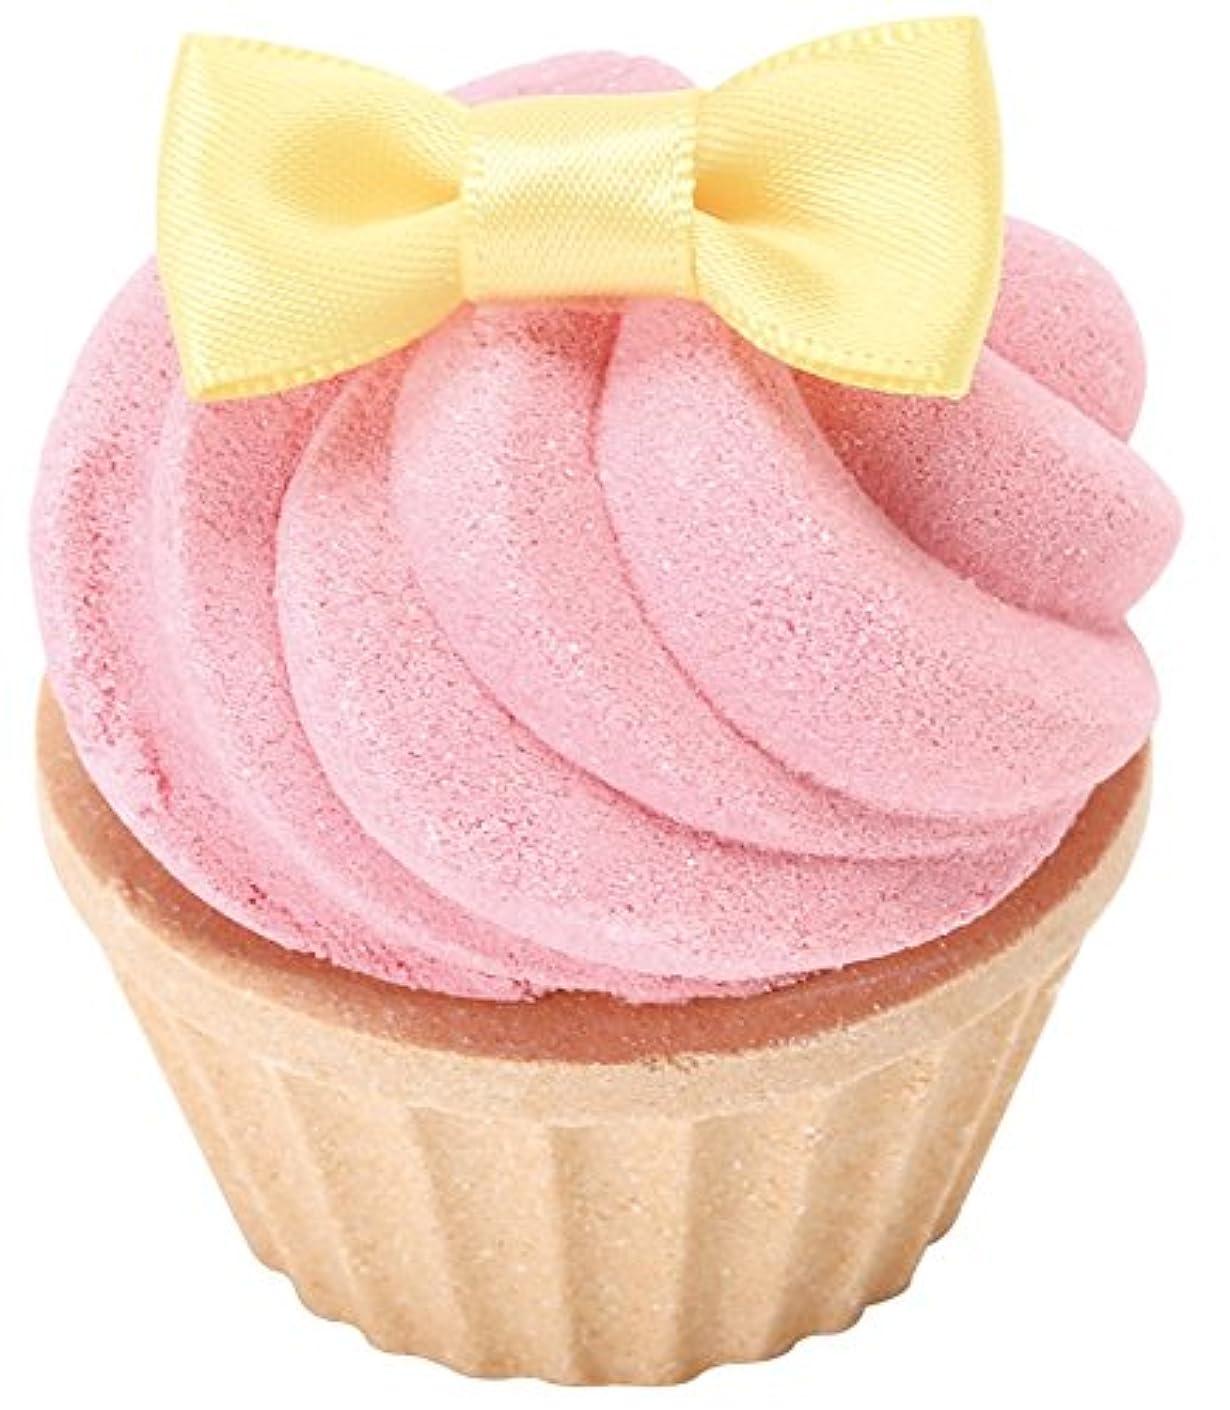 命令的ピンク二十ノルコーポレーション お風呂用 芳香剤 おめかしカップケーキフィズ 60g ラズベリーの香り OB-SMM-14-1